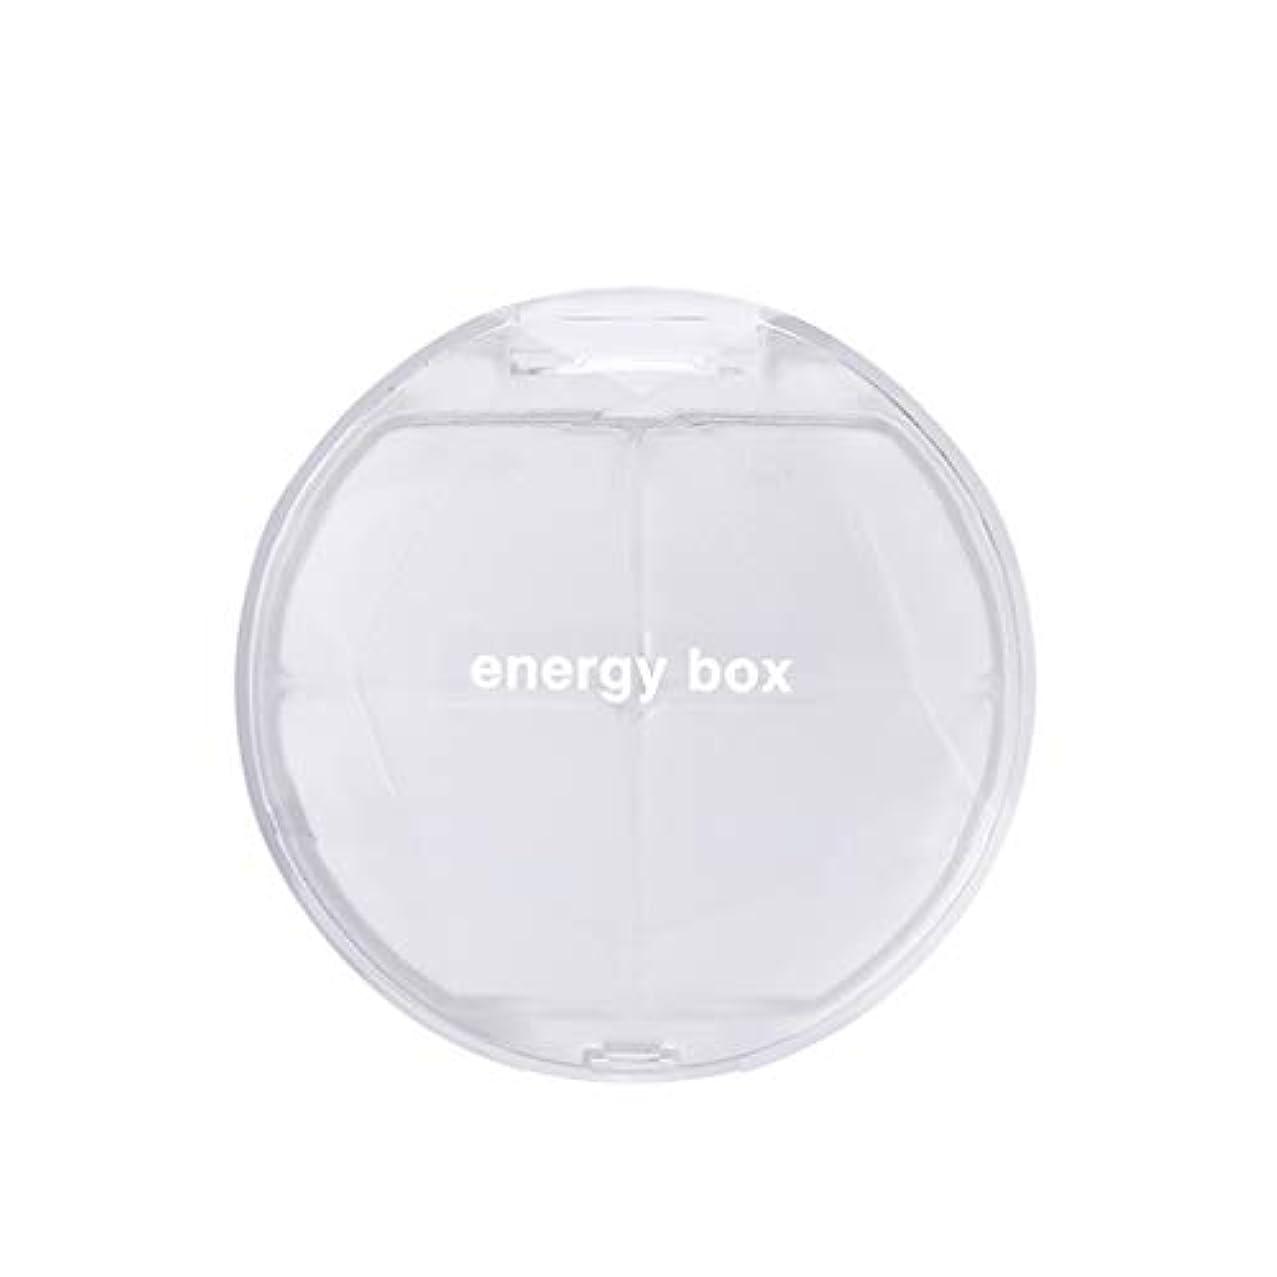 コンチネンタル巨大相手ピルボックスポータブル調剤小ピルボックス一週間旅行携帯用薬シール薬収納薬箱 LIUXIN (Color : White, Size : 7.3cm×7.3cm×2.3cm)